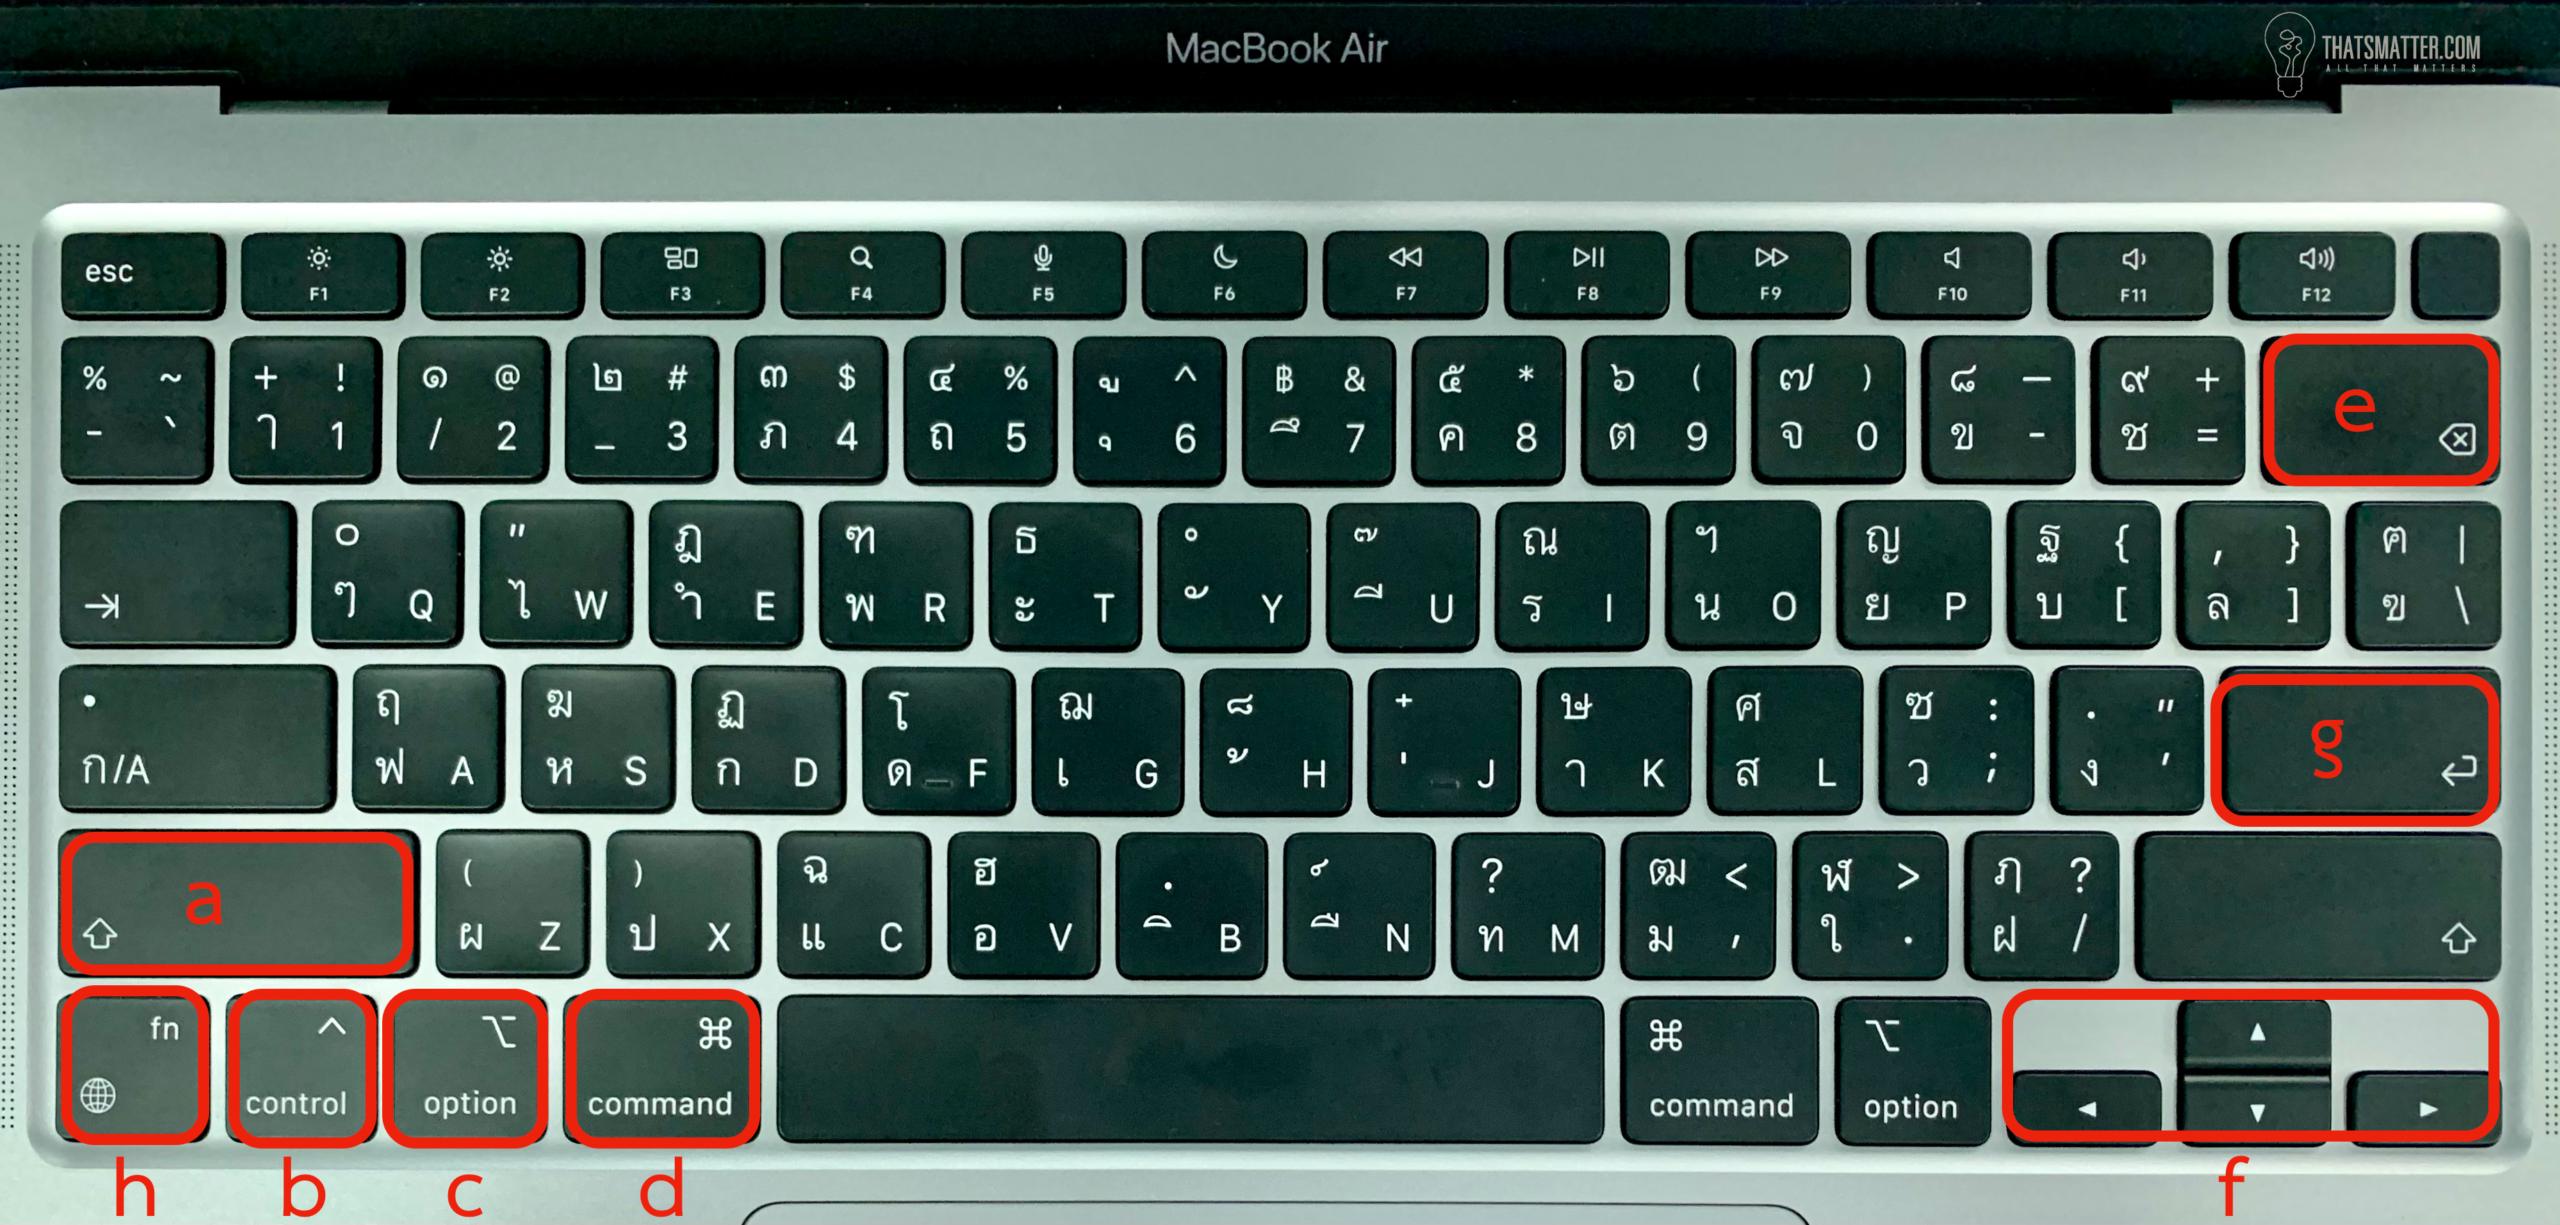 คีย์บอร์ด Mac ปุ่มลัดบน Macbook